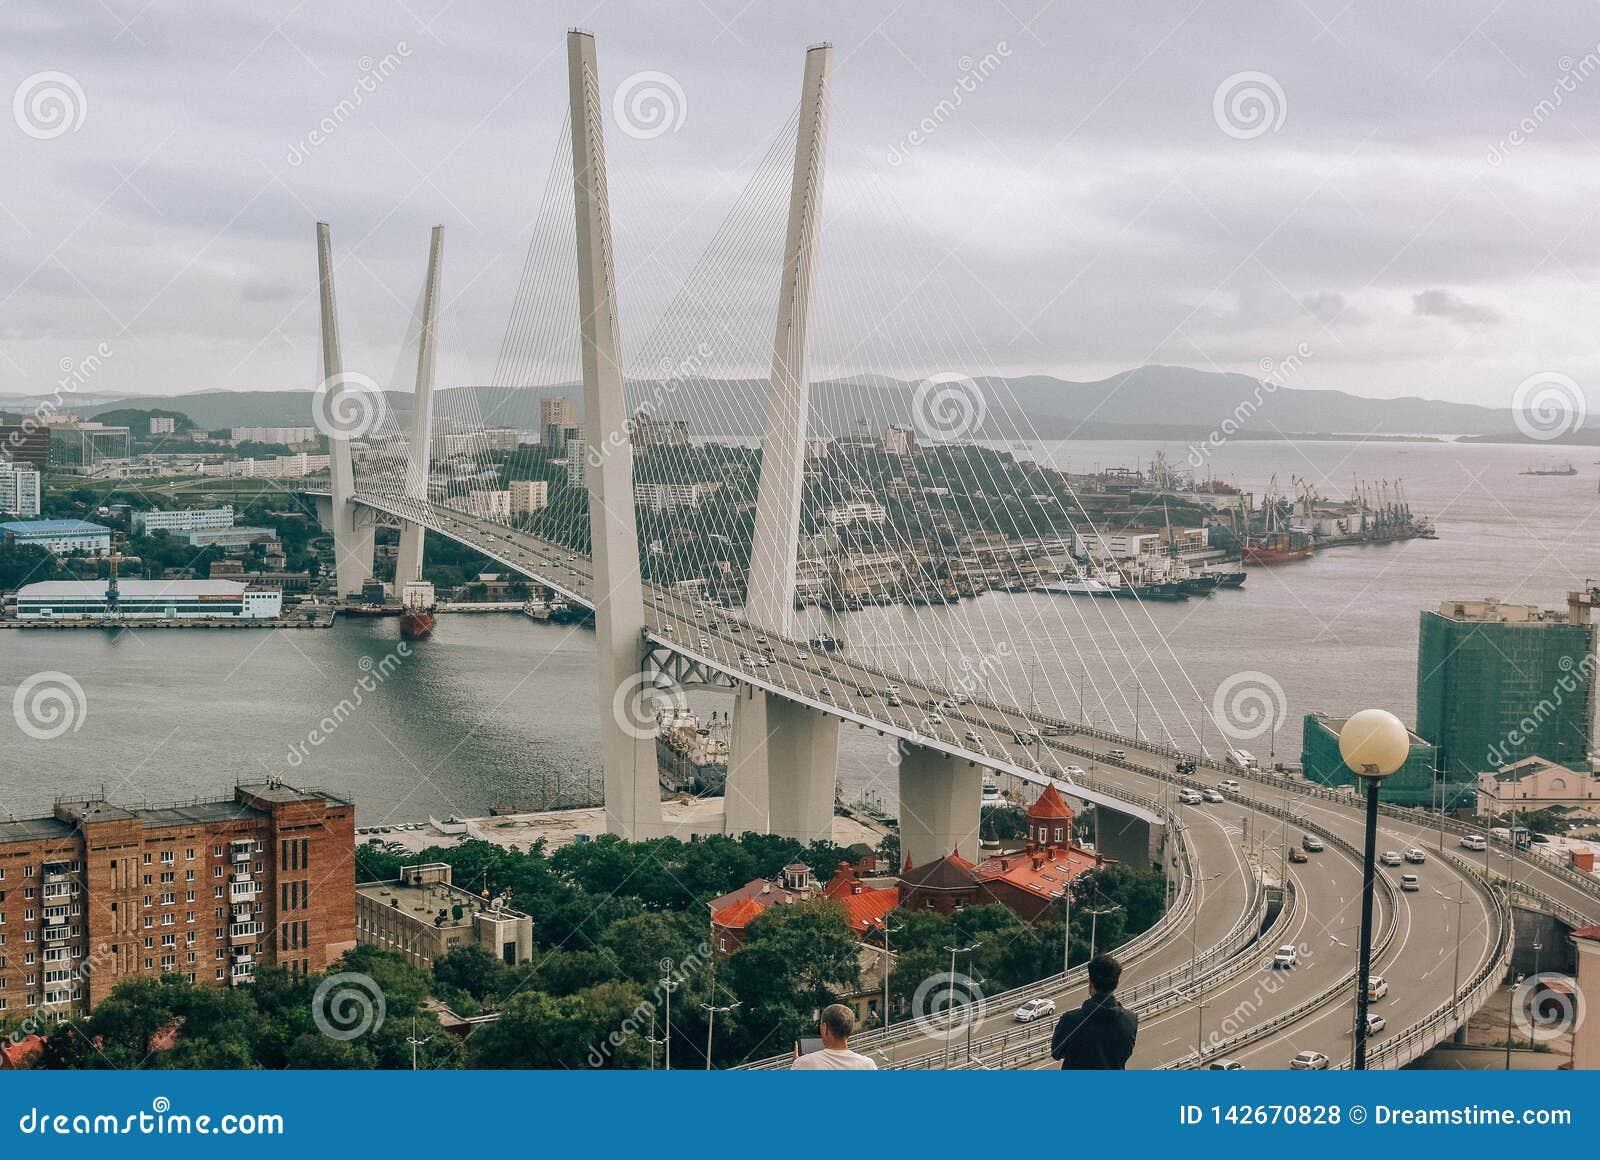 Vladivostok, Russie - 15 ao?t 2015 : pont C?ble-rest? dans Vladivostok dans la baie d or de klaxon